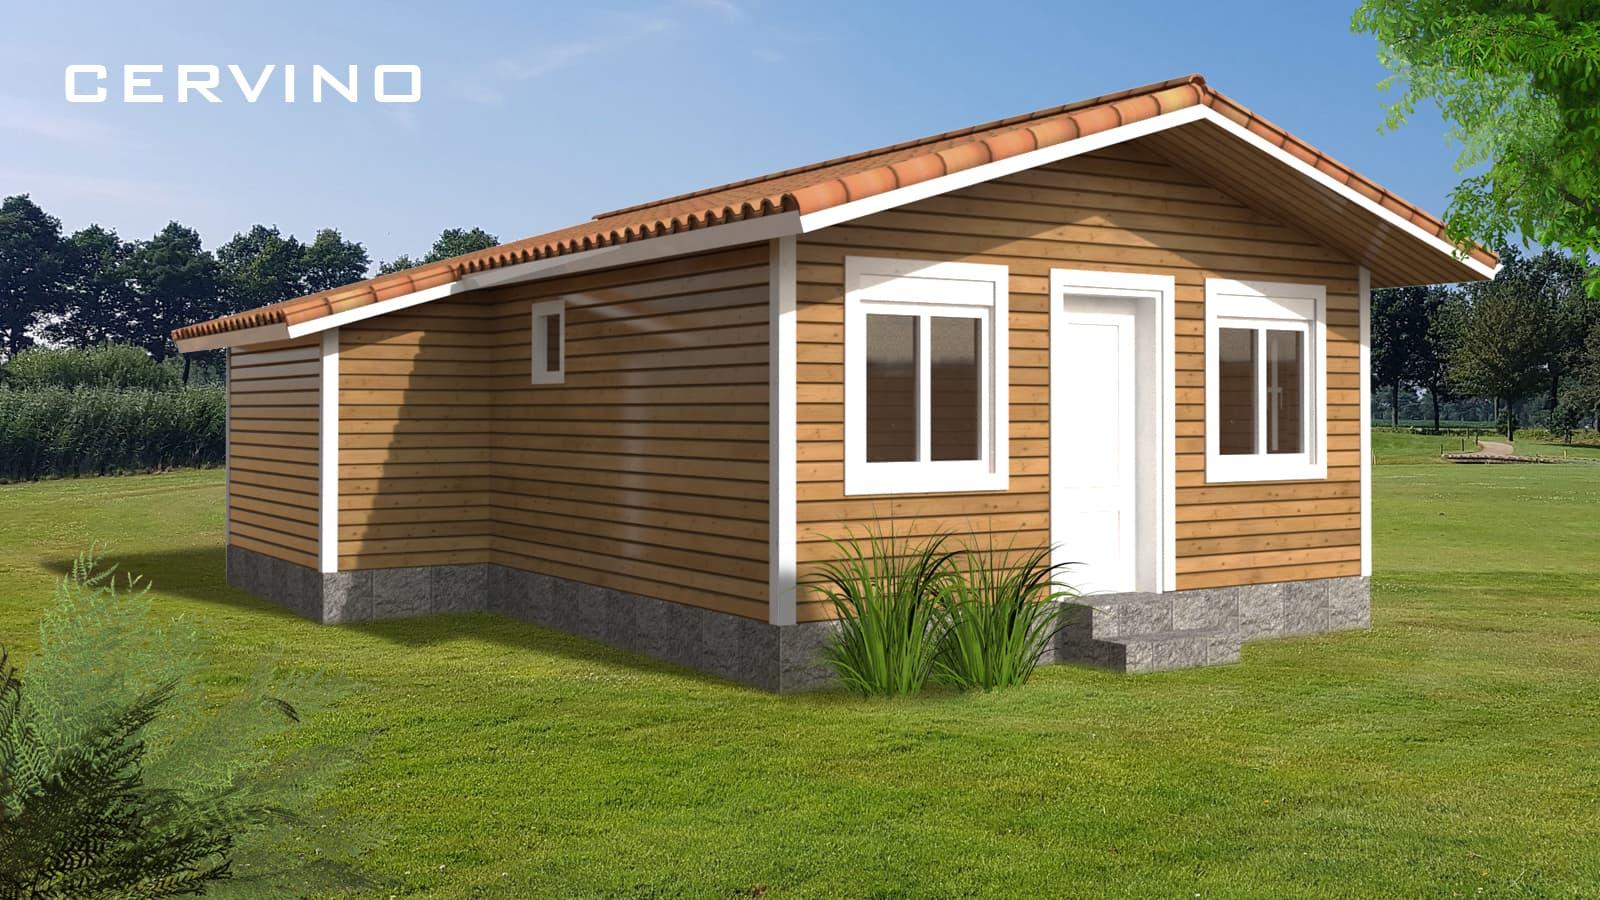 casa de madera llave en mano modelo cervino